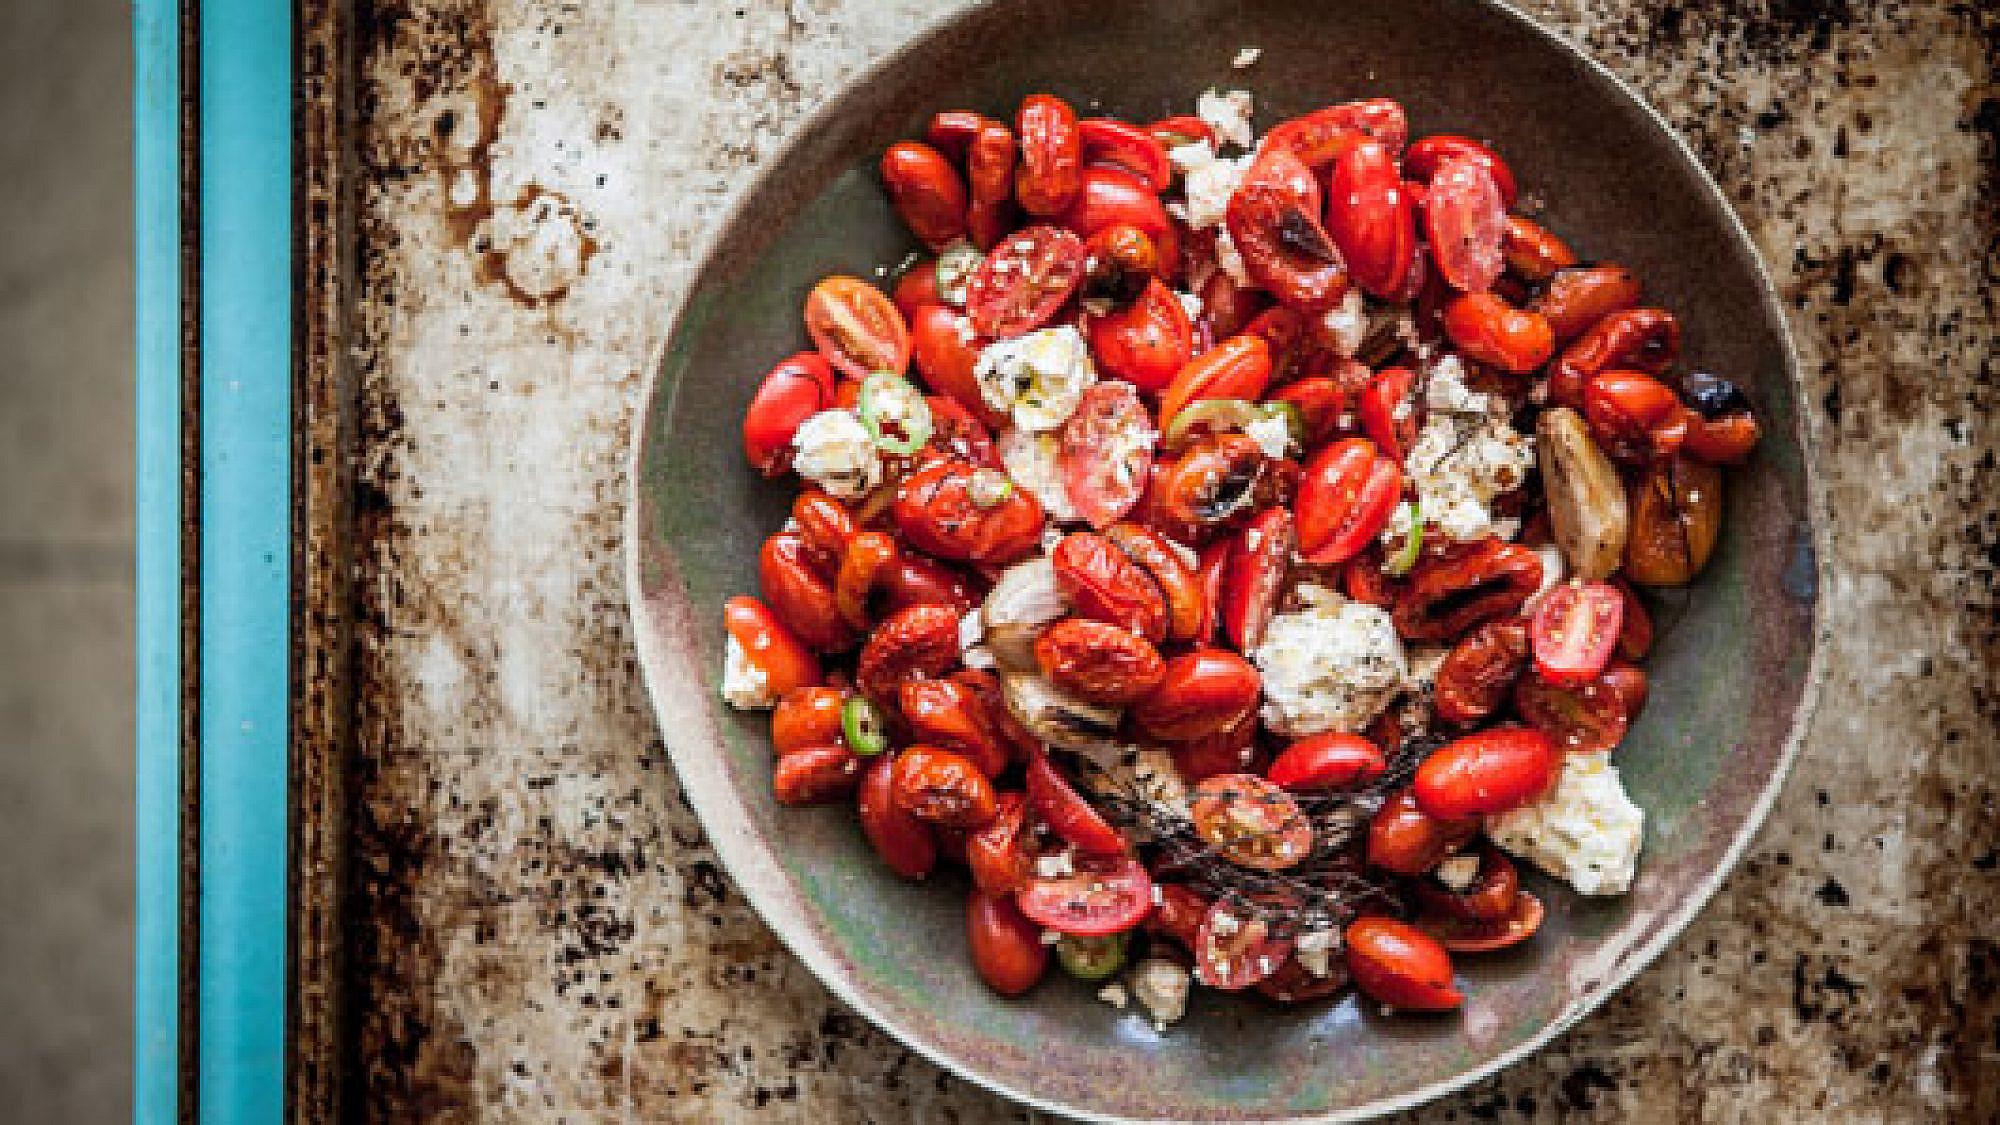 סלט עגבניות שרי ופטה של רותי רוסו. צילום: זוהר רון